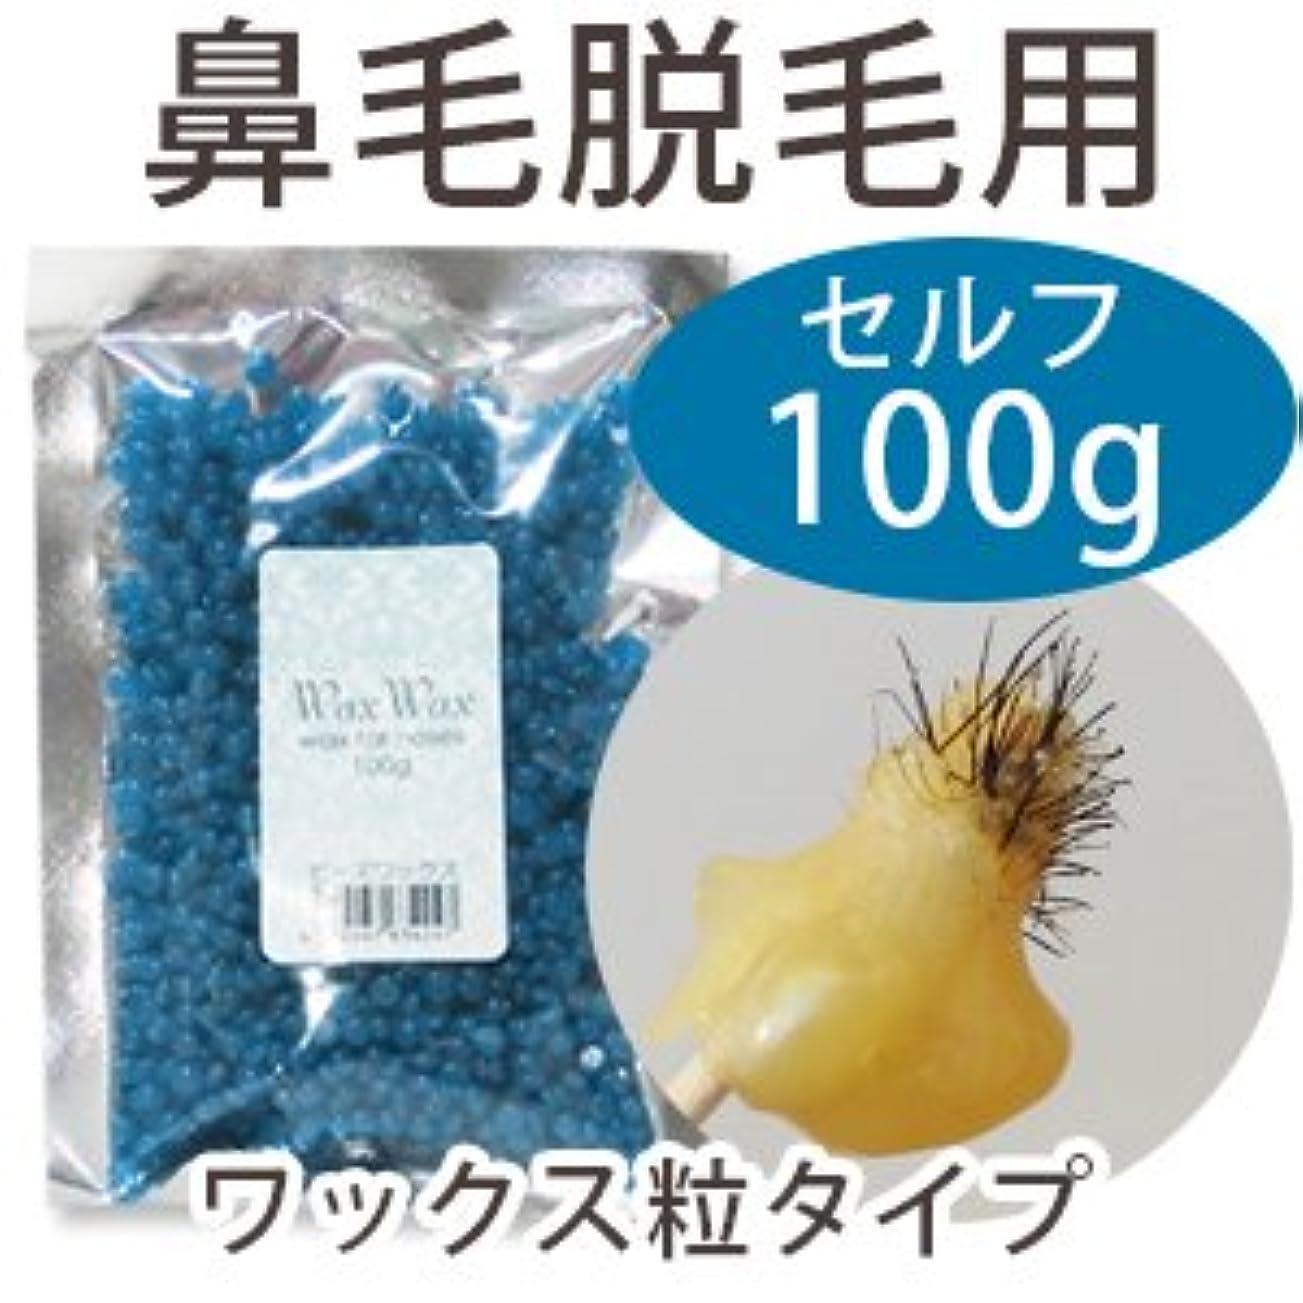 流星人種ベスビオ山鼻毛 産毛 脱毛 ビーズ ワックス (ブルー 100g)